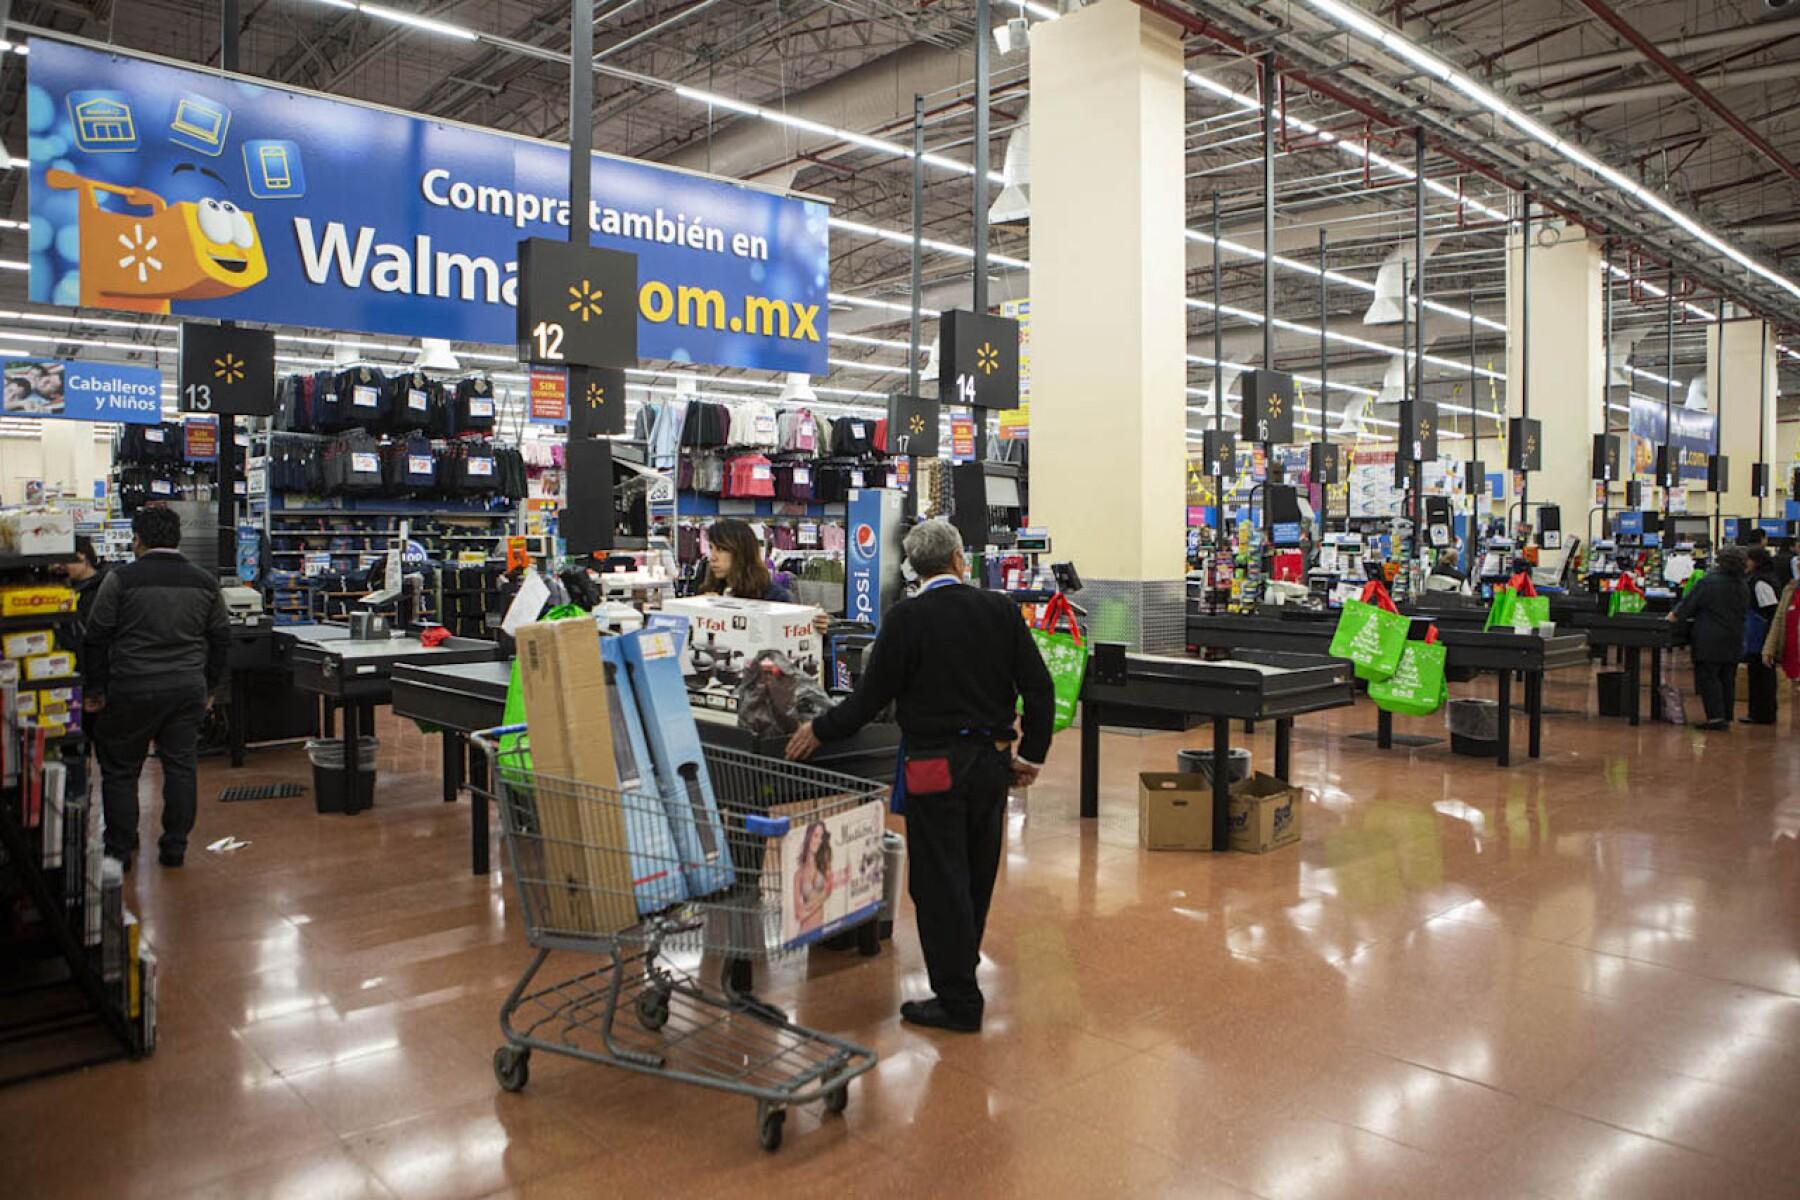 El acuerdo de Walmart con el SAT se dio tras amenazas penales